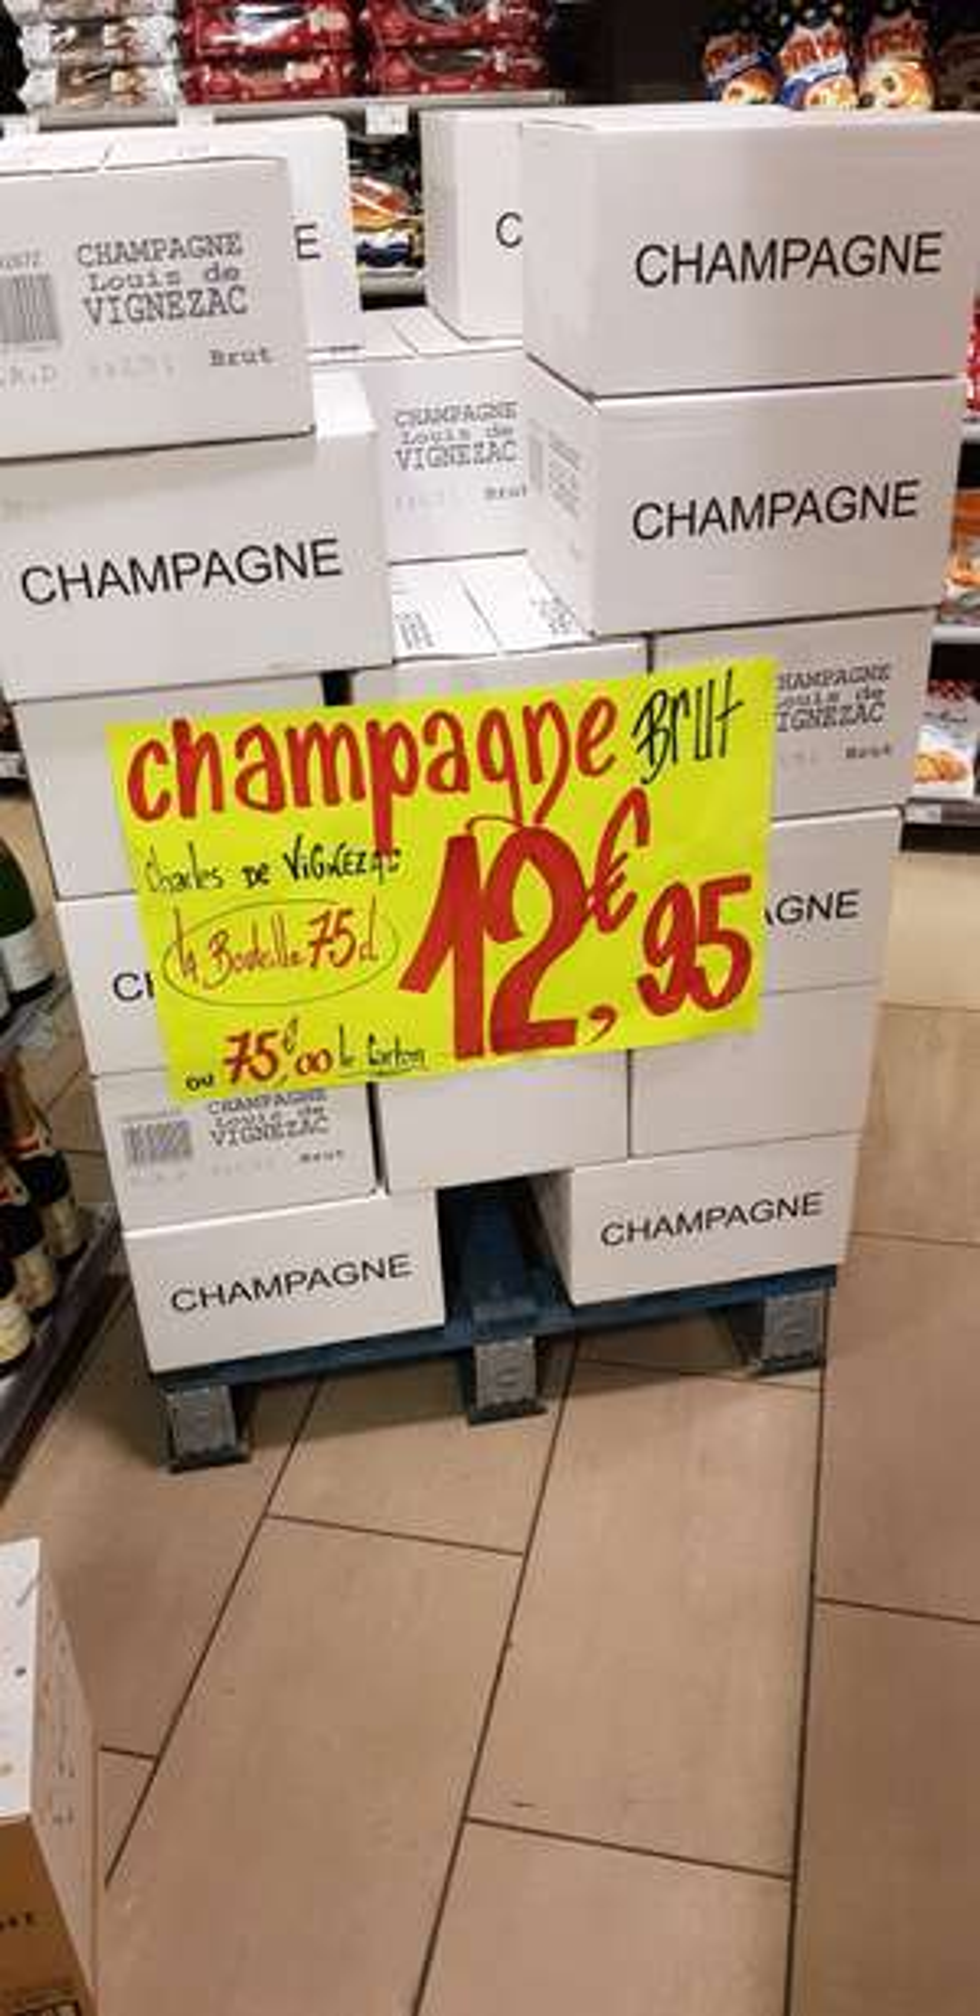 1 Bouteille de Champagne Louis de Vignezac, 75cl - Carrefour Express Haspres (59)